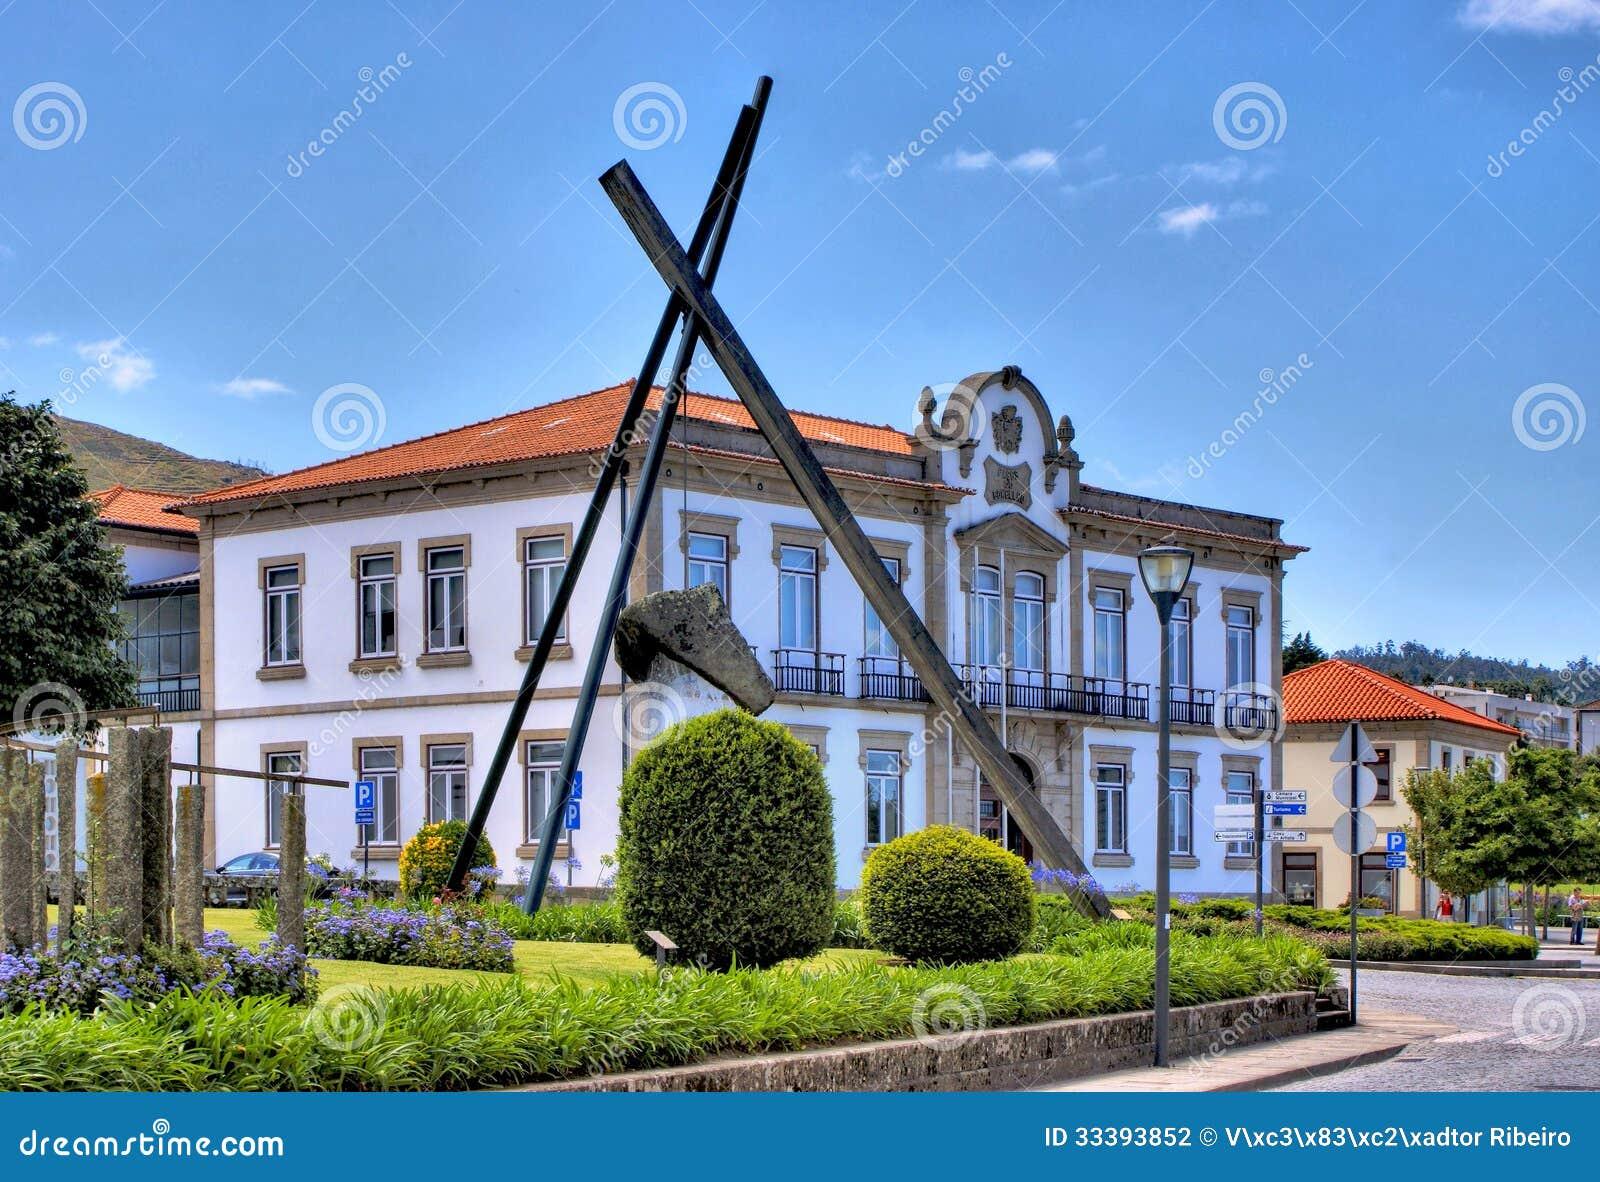 Town hall of vila nova de cerveira stock photography - Vilanova de cerveira ...